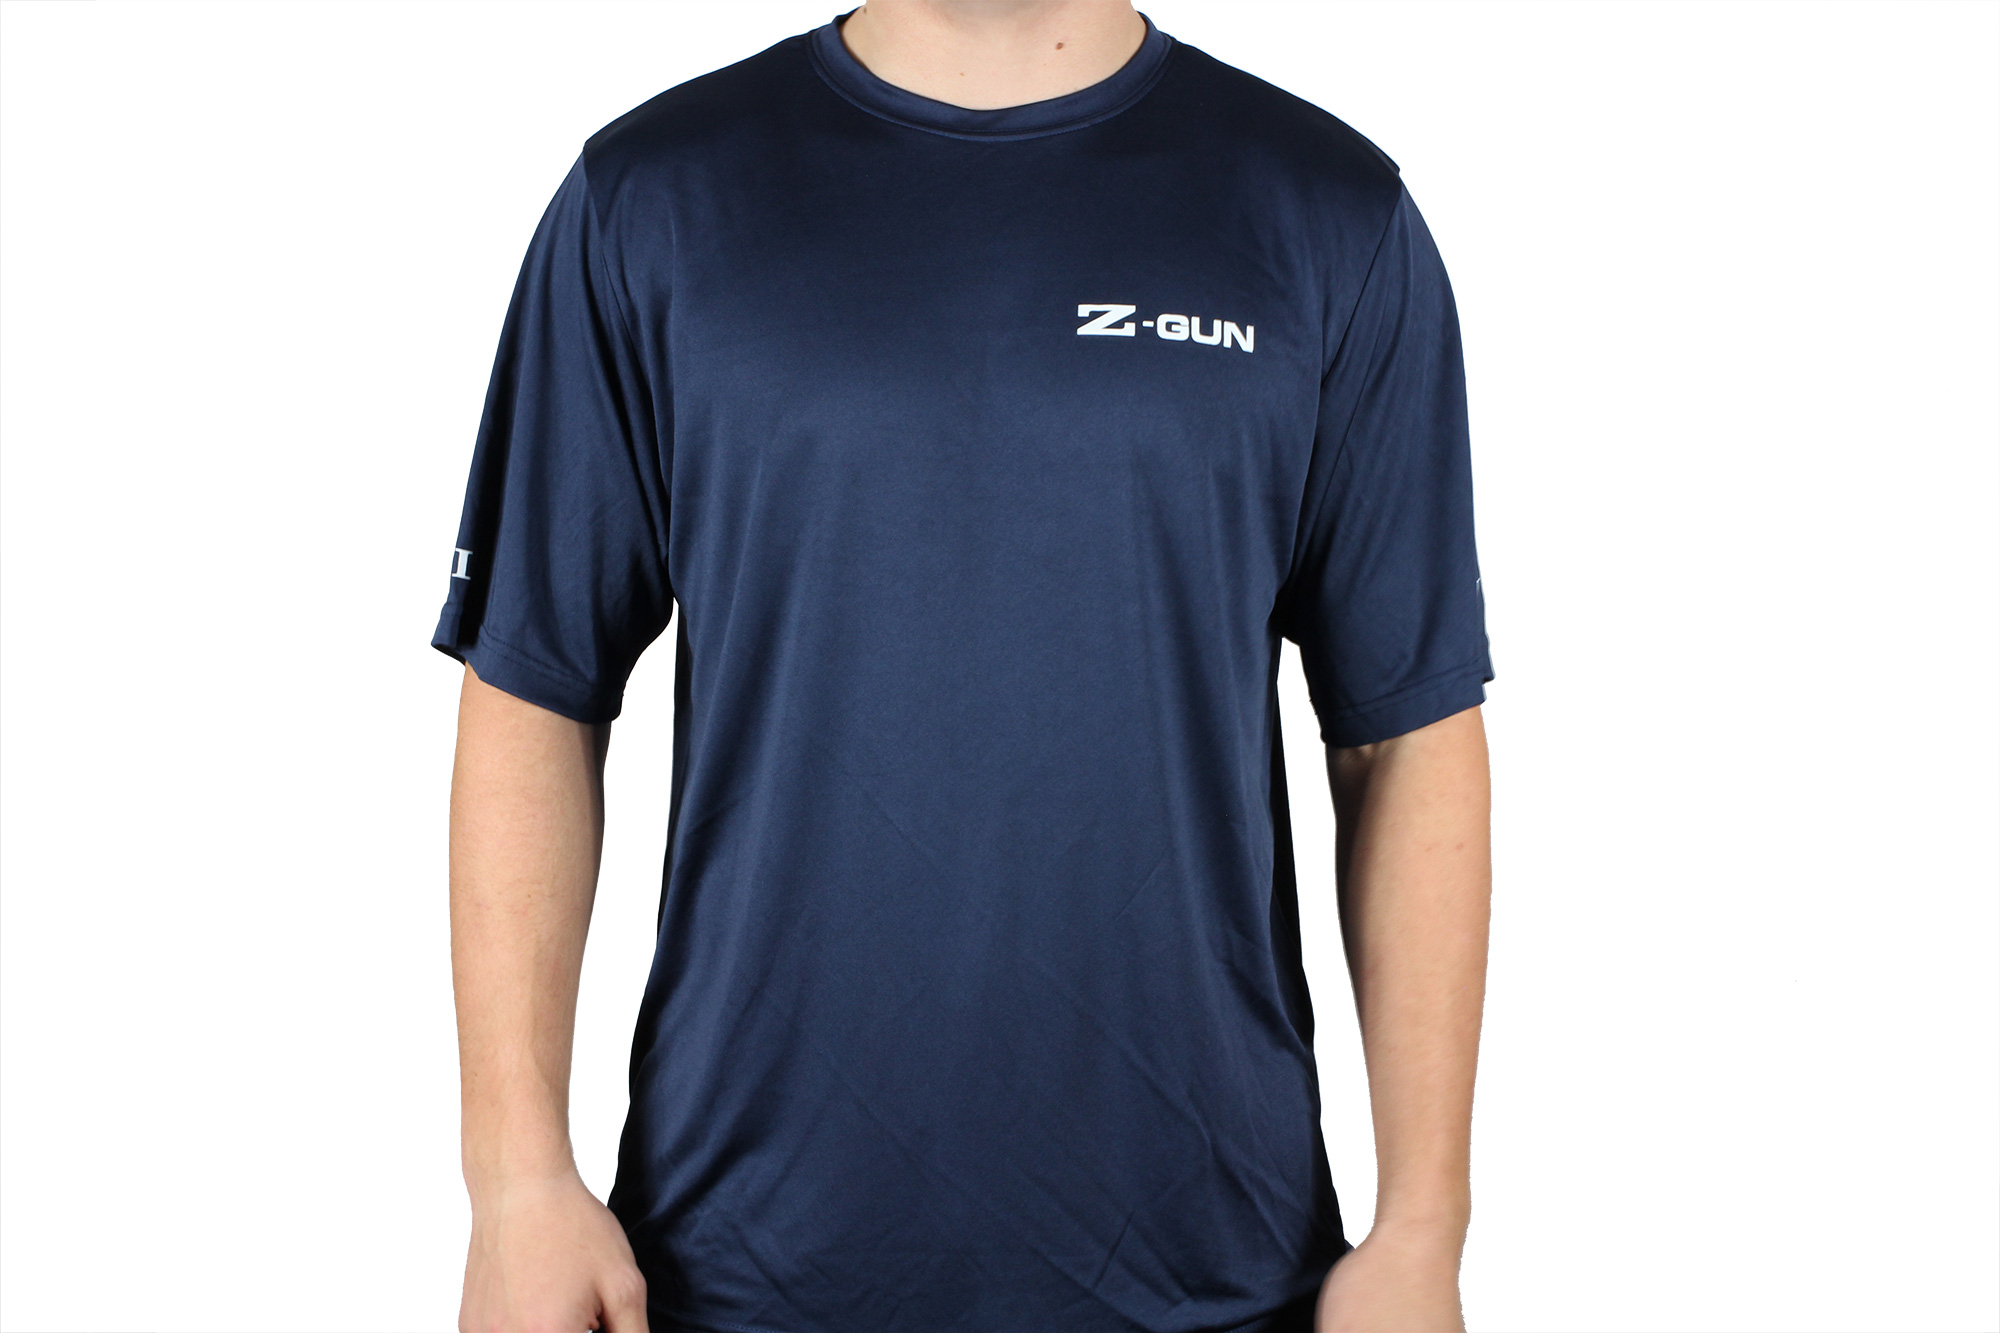 Z-GUN Sport Shirt ( Navy )